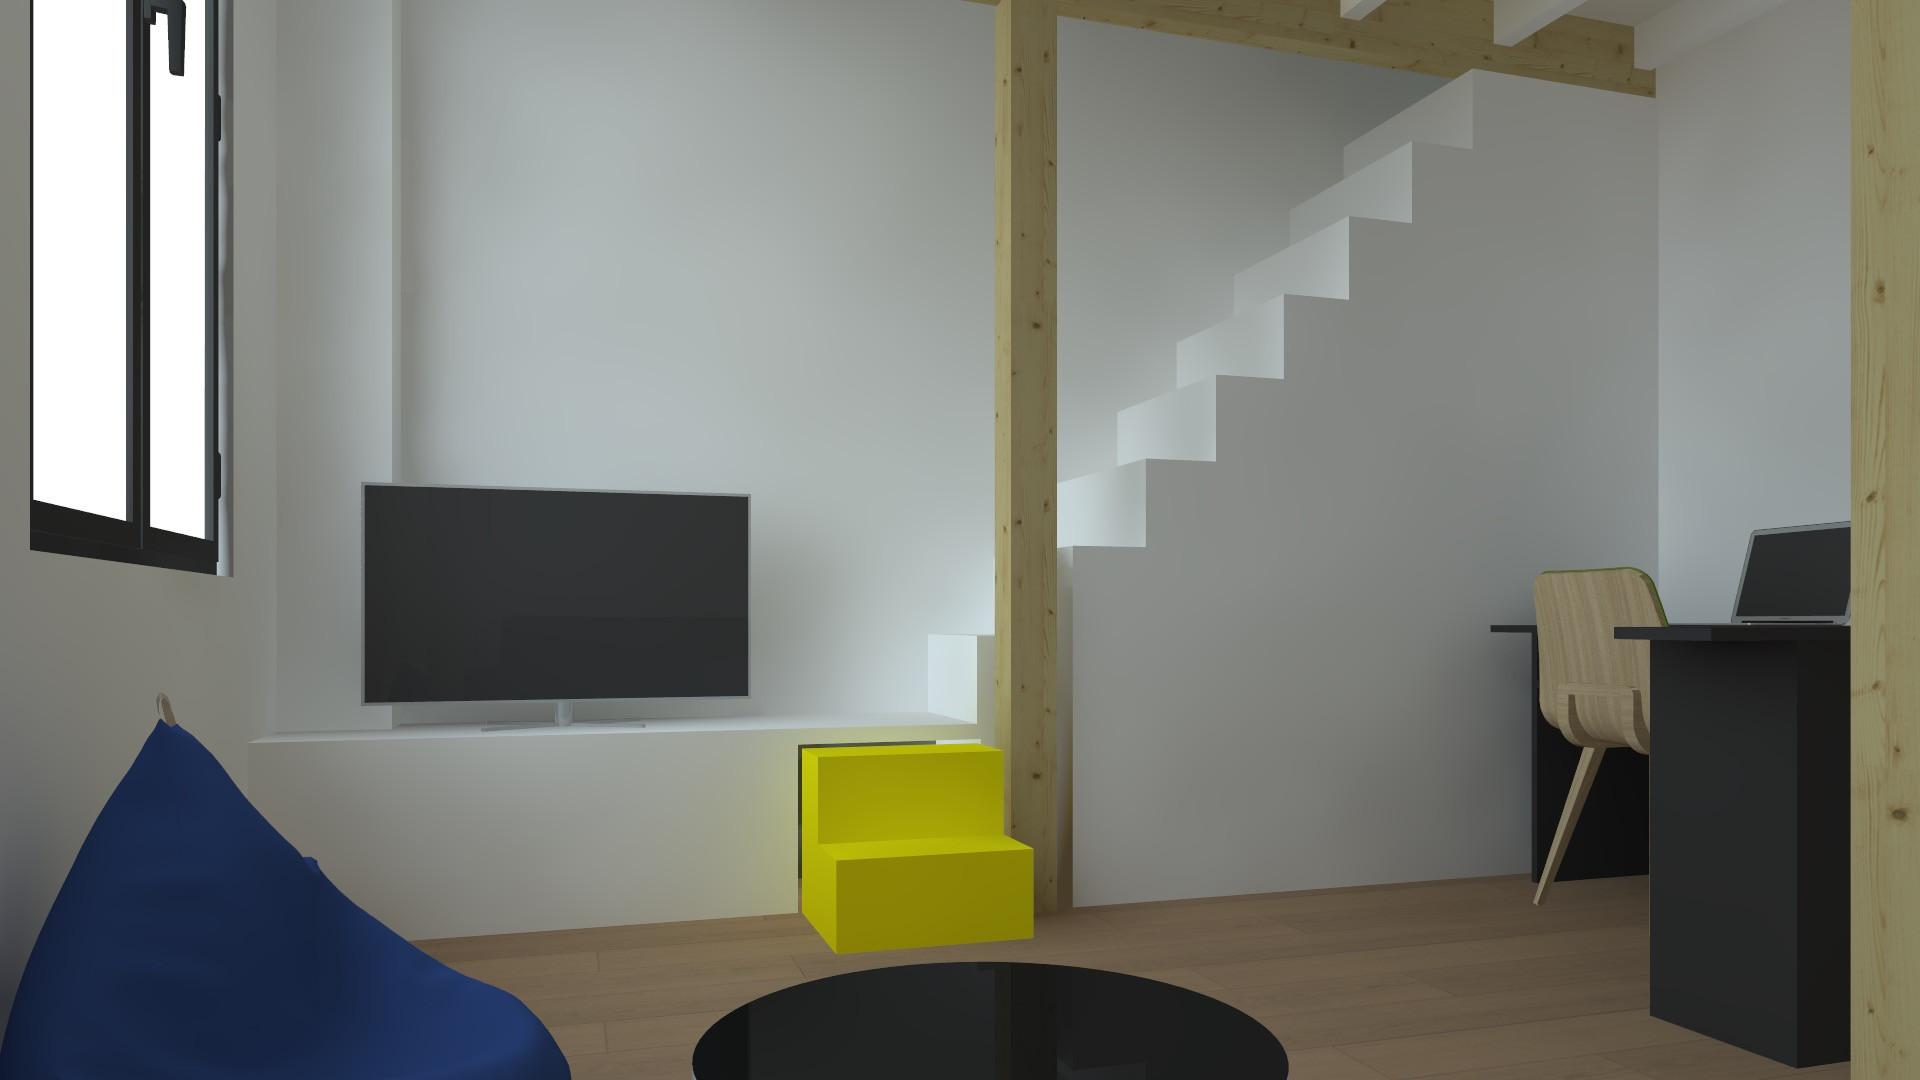 studio à paris vue 3